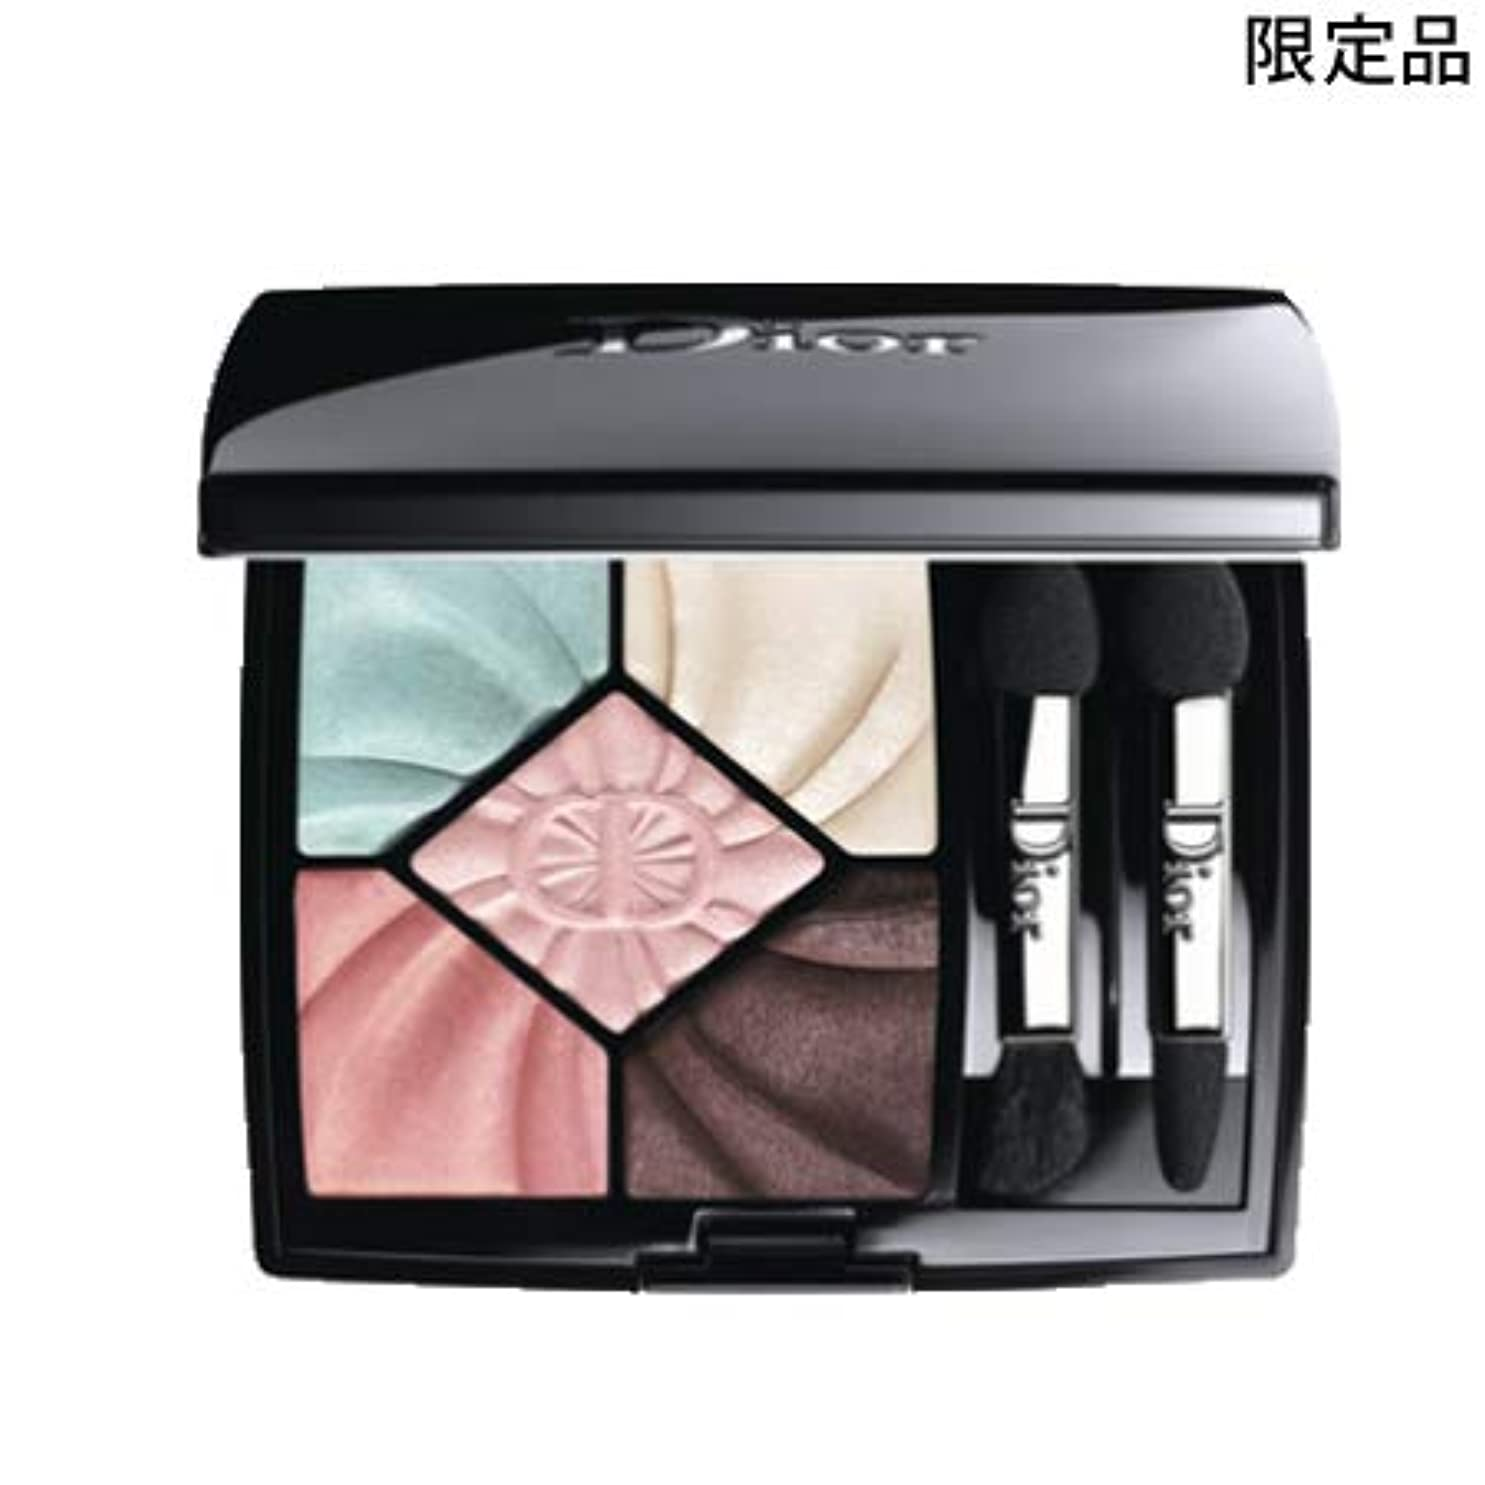 安定した熱心な驚ディオール サンク クルール ロリグロウ #257 シュガー シェード 限定品 -Dior-